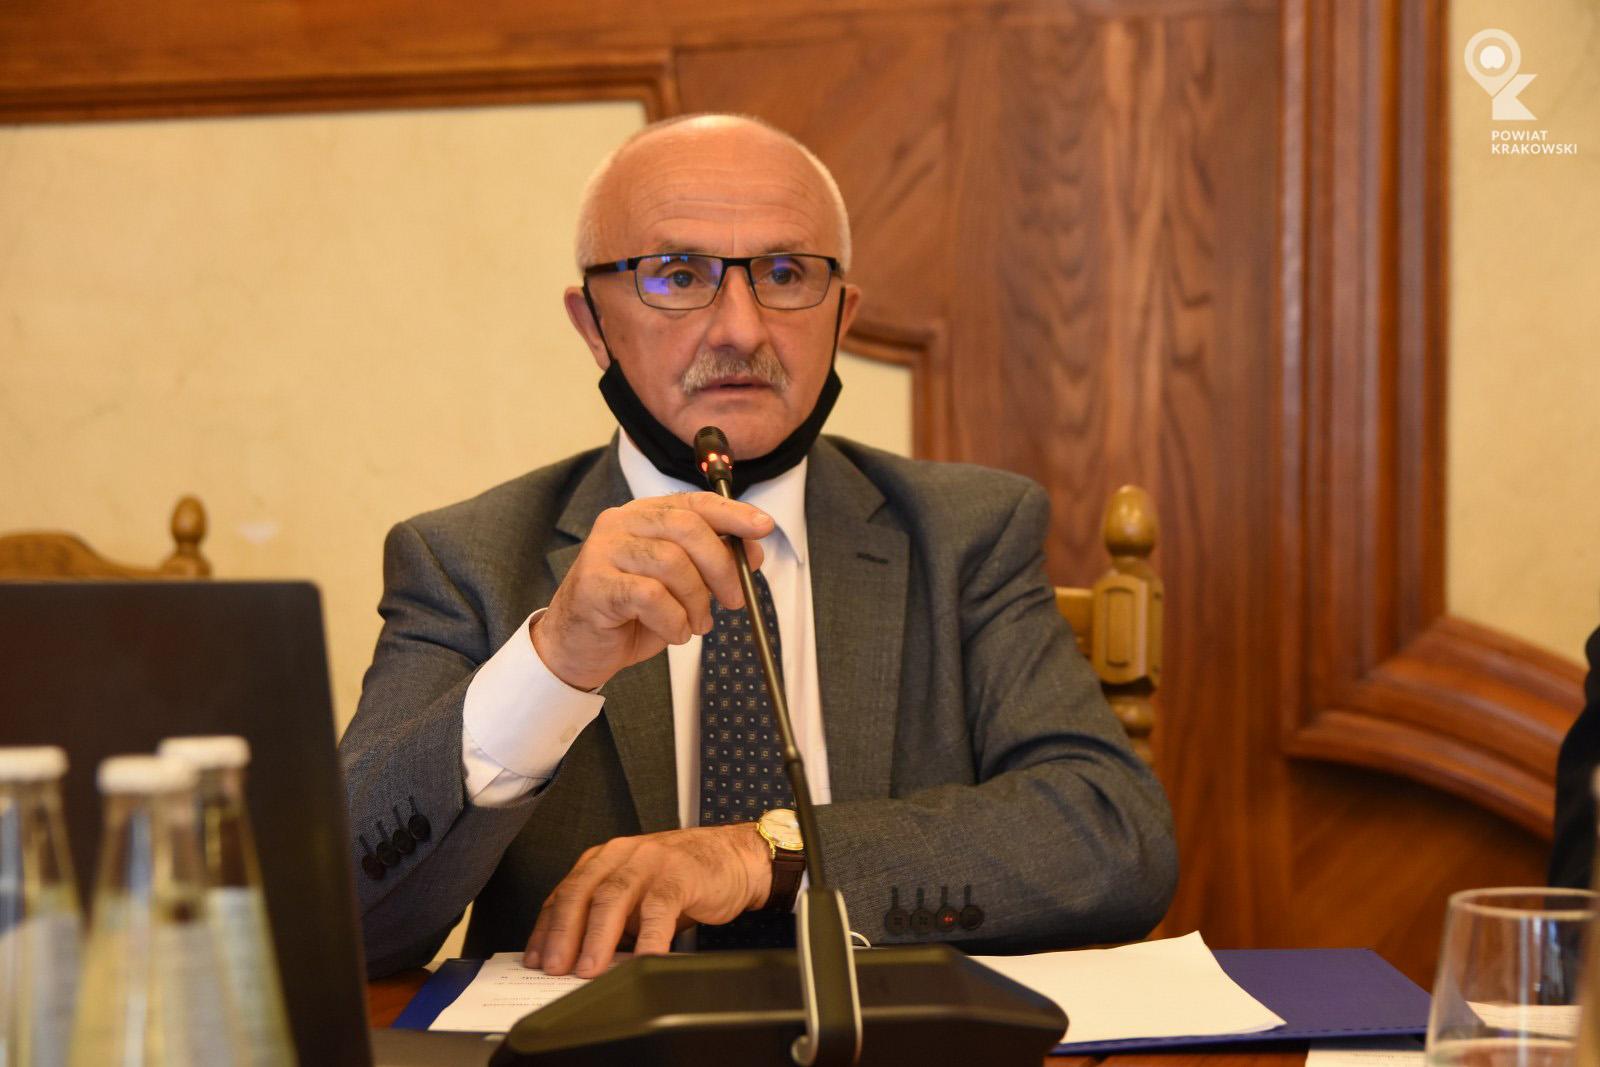 Wiceprzewodniczący Rady Powiatu siedzi za biurkiem, mówi do mikrofonu